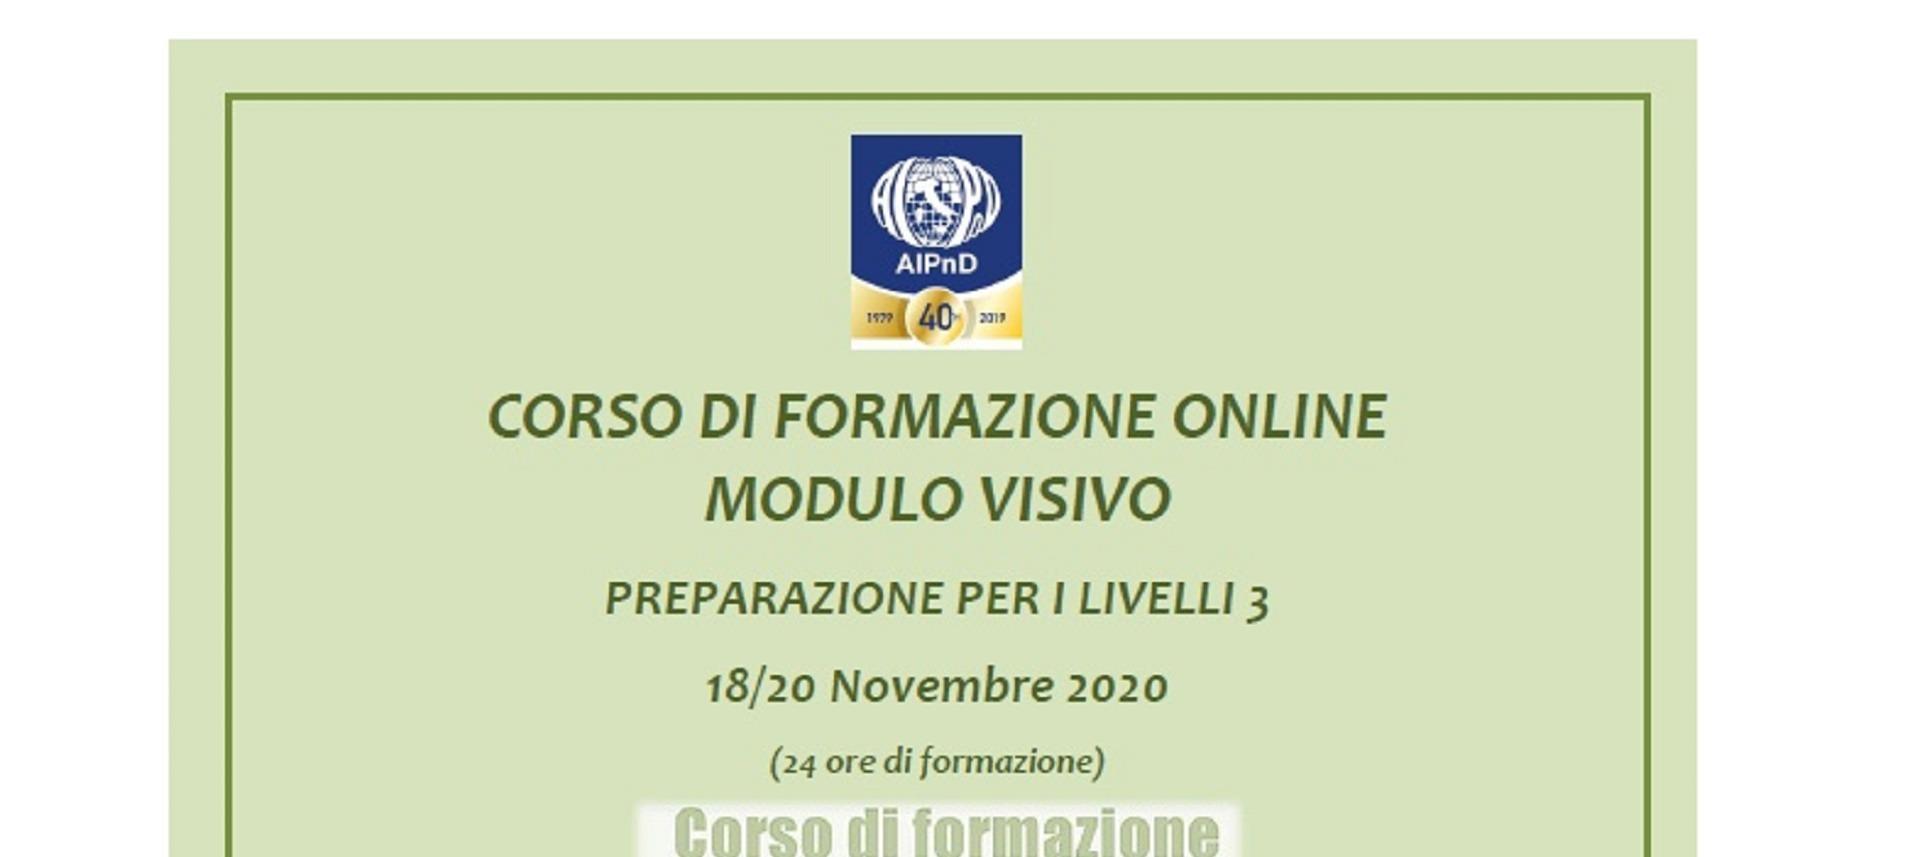 """News Socio Aib - CORSO DI FORMAZIONE ONLINE """"MODULO VISIVO"""" - PREPARAZIONE PER I LIVELLI 3"""